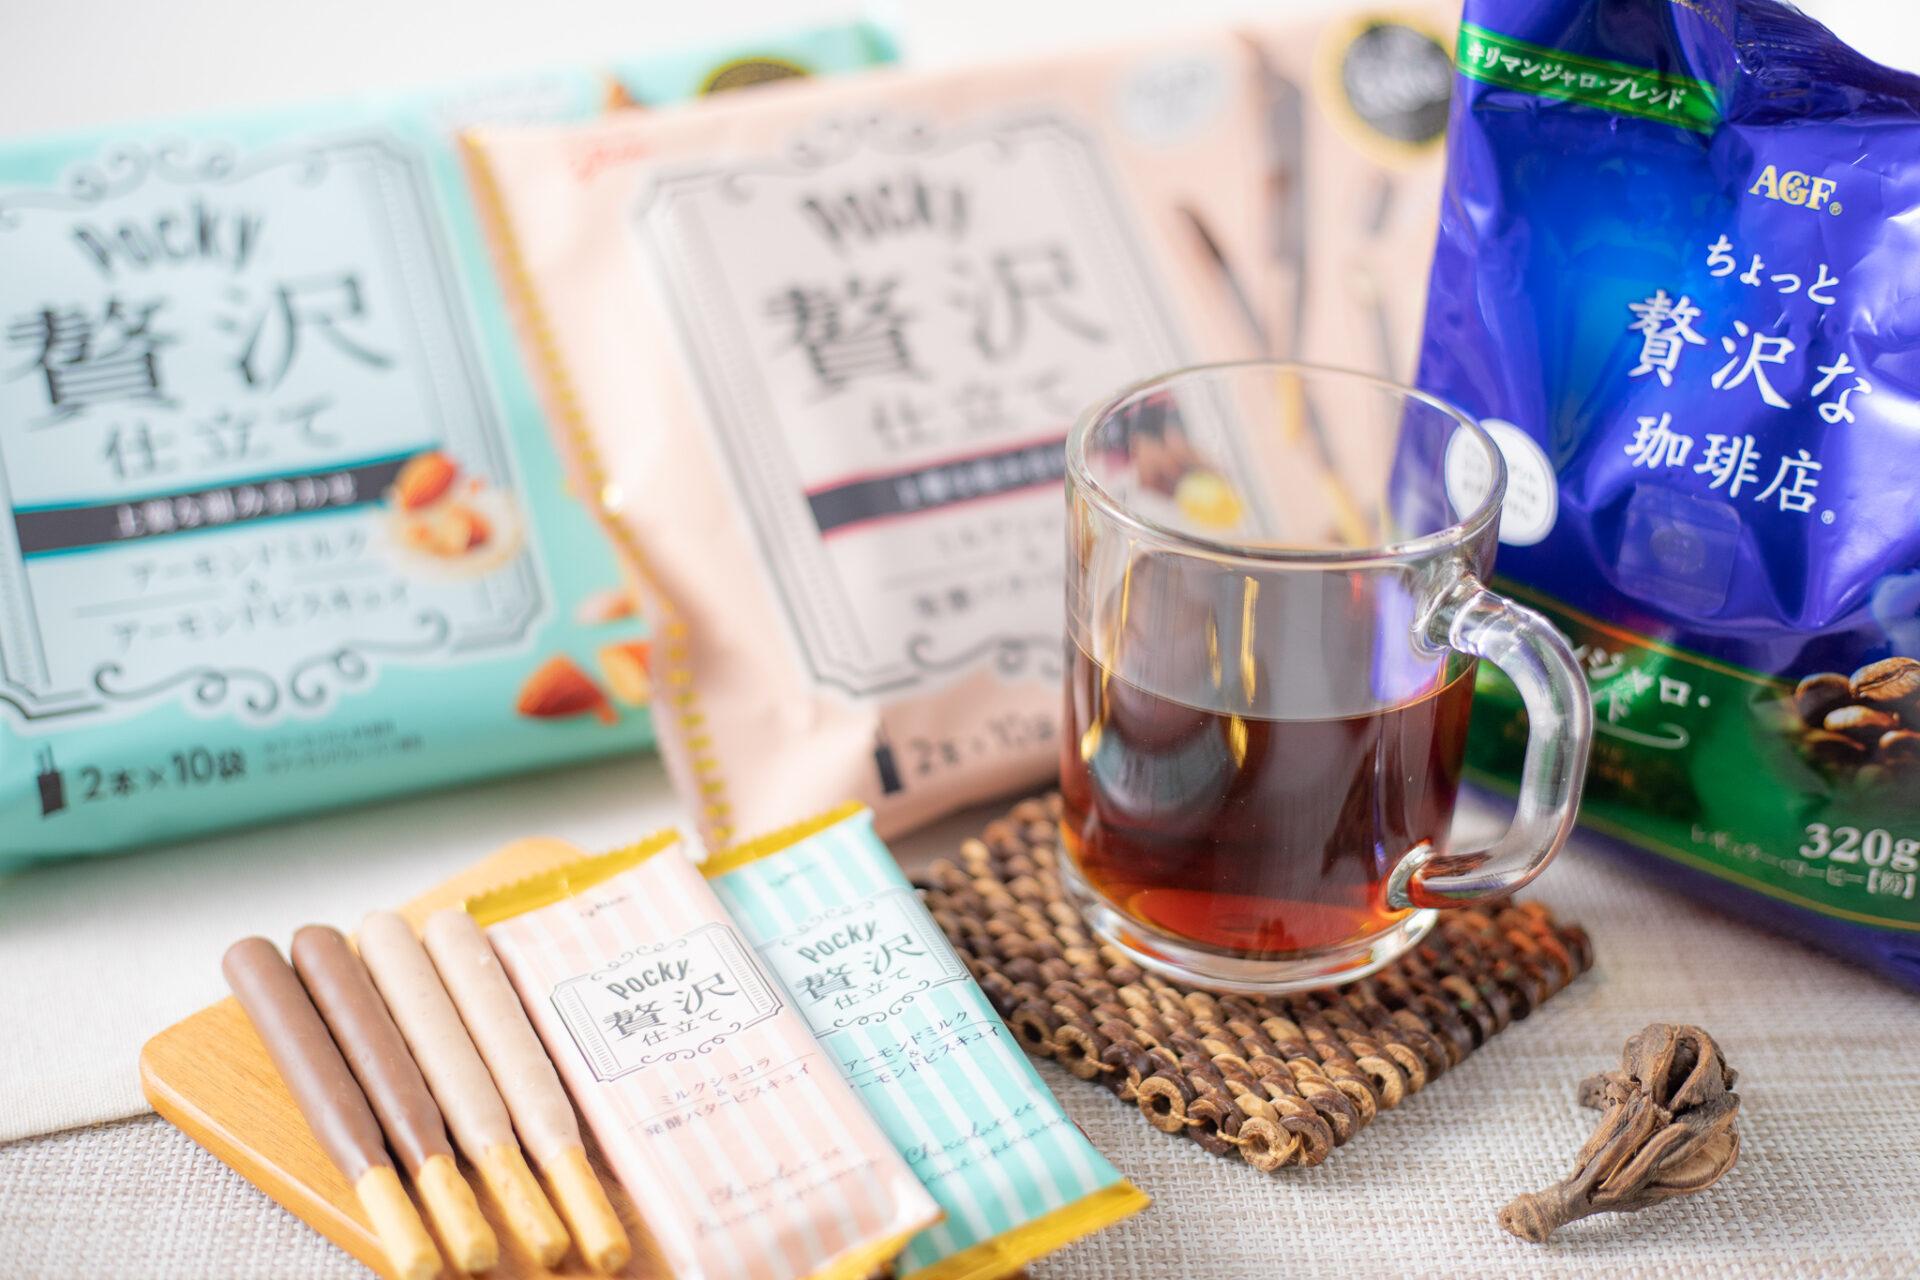 グリコ『ポッキー贅沢仕立て』×味の素AGF『ちょっと贅沢な珈琲店』